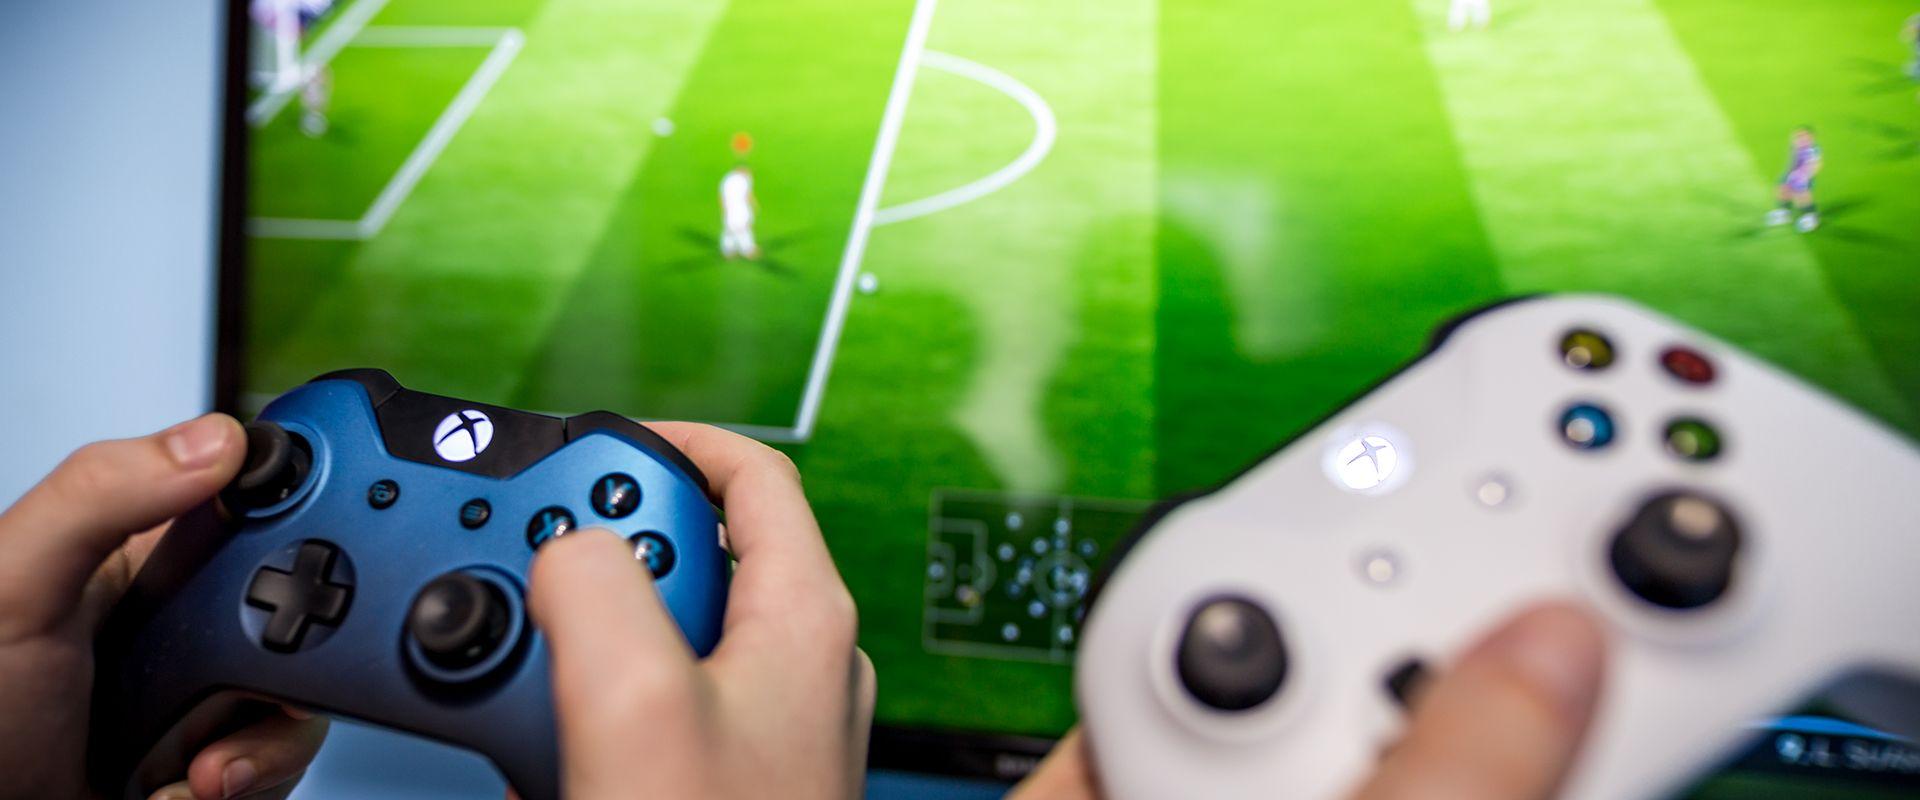 Xbox / צילום: שאטרסטוק